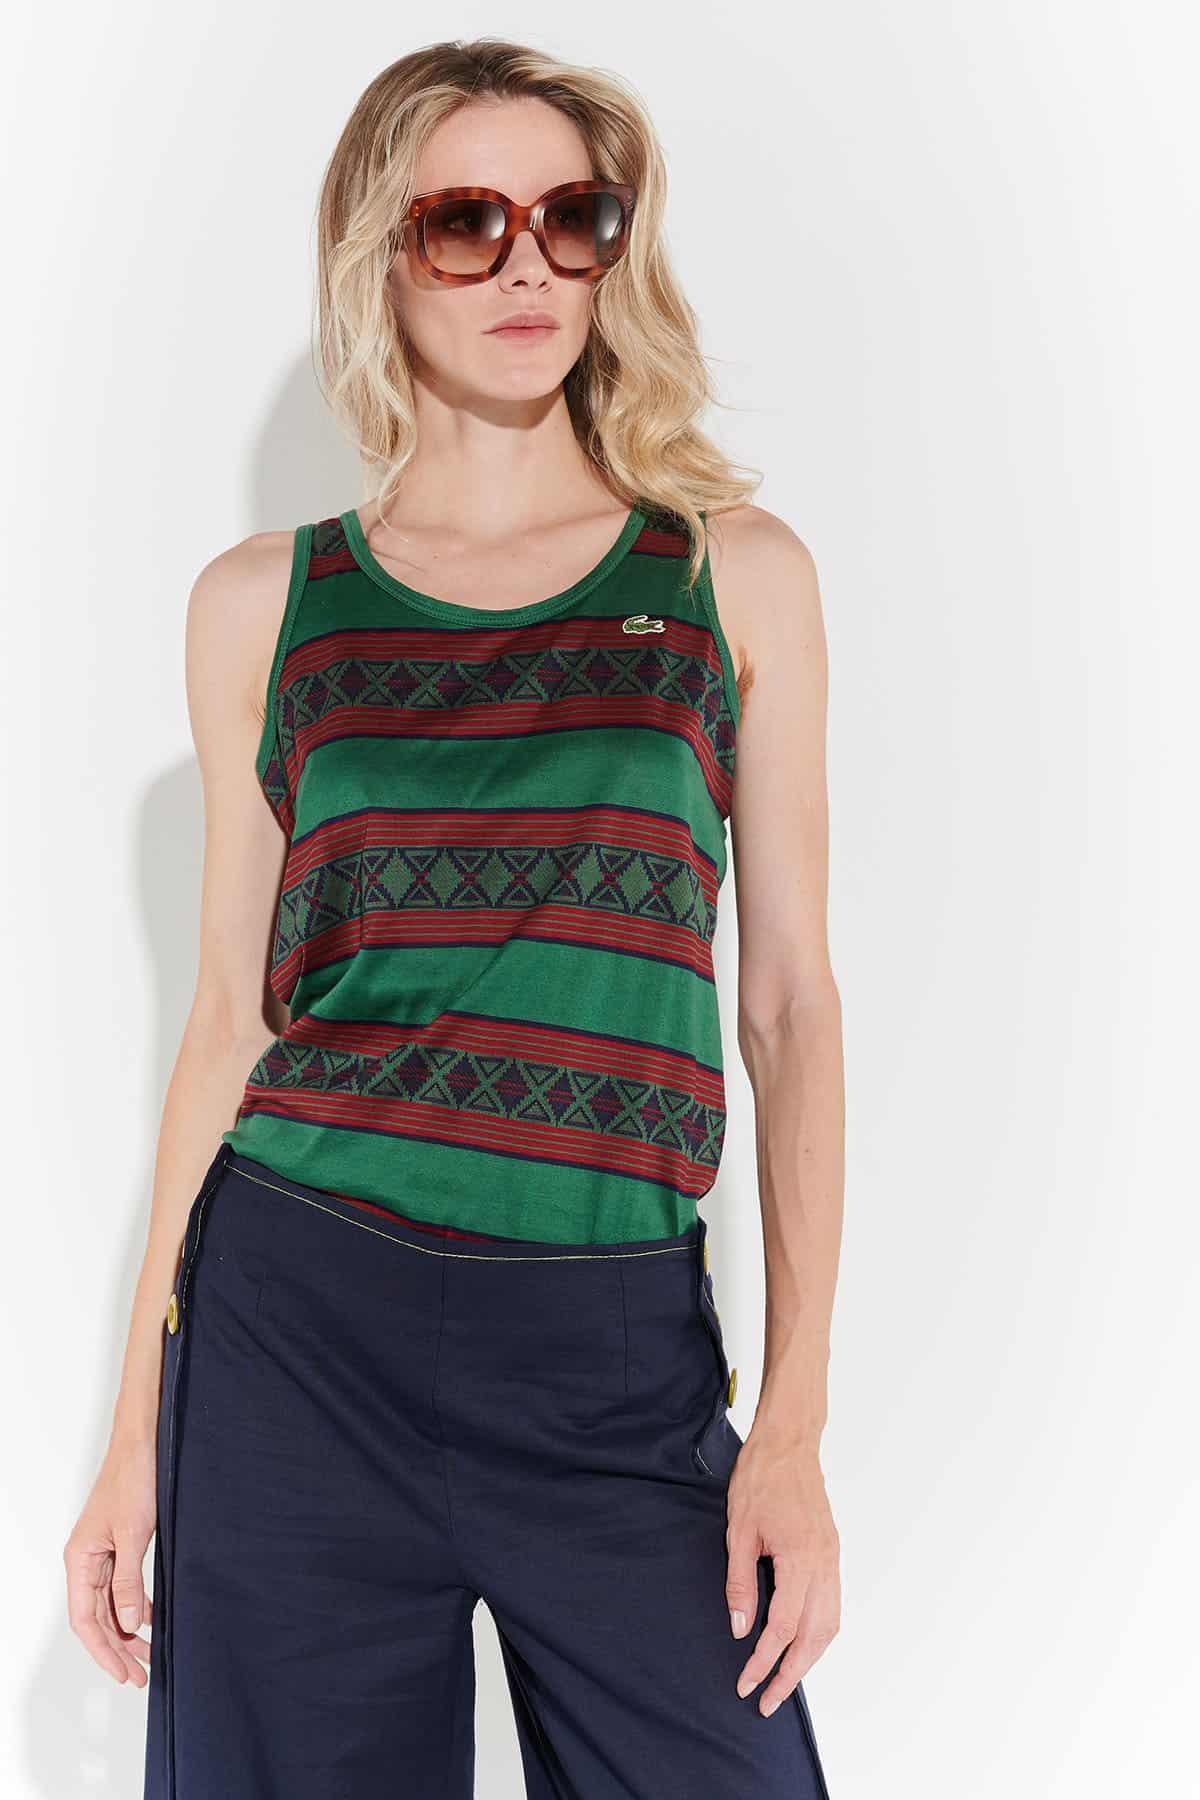 90lar kolsuz bordo yeşil çizgili merserize Lacoste tişört top